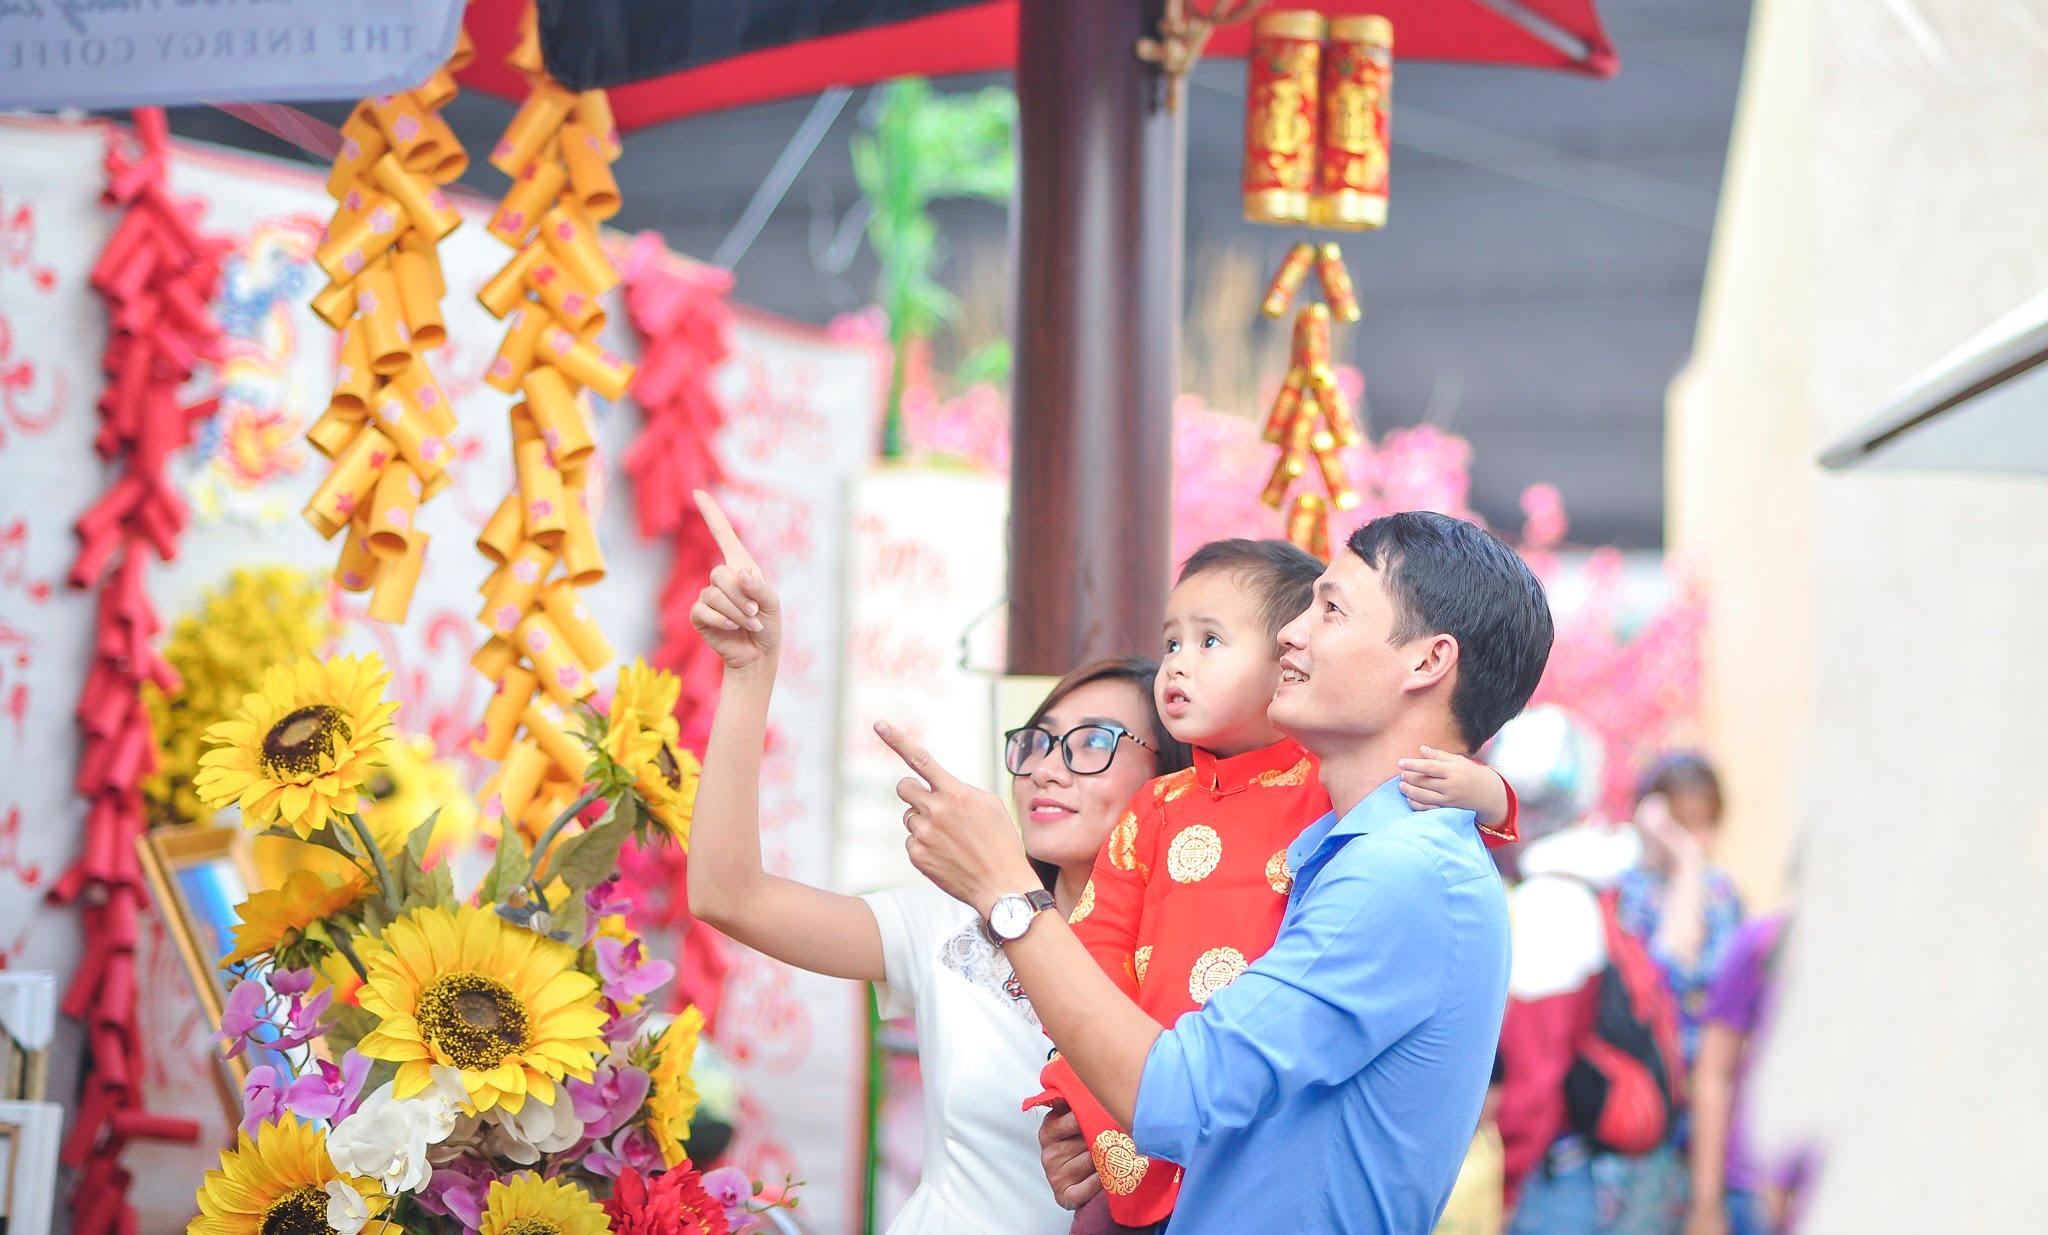 DSC 6615 - Ảnh chụp gia đình anh Phong Hồ, Quận 1 Tp.HCM